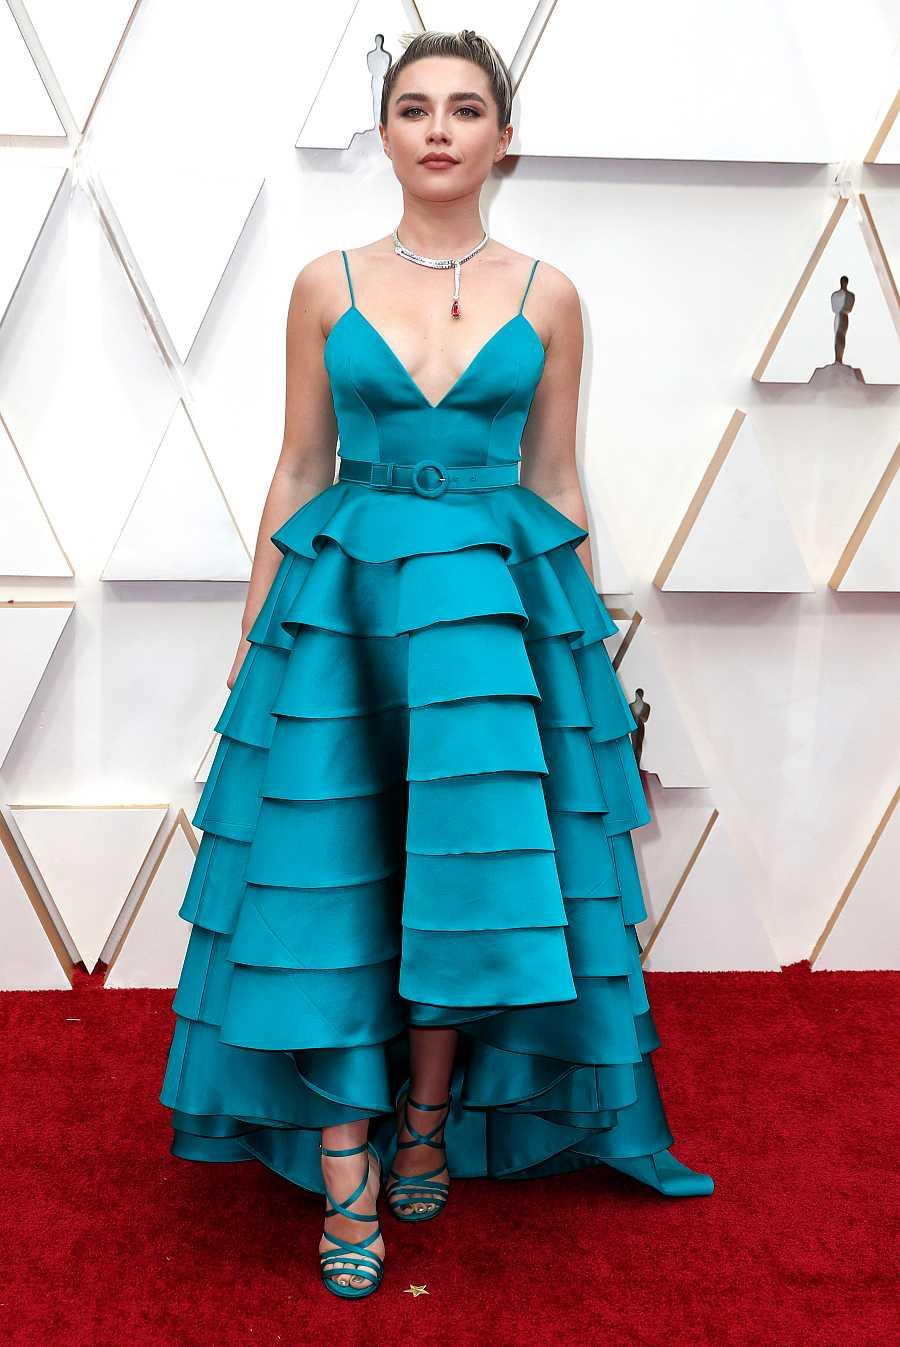 Florence Pugh en la ceremonia de entrega de los Premios Oscar